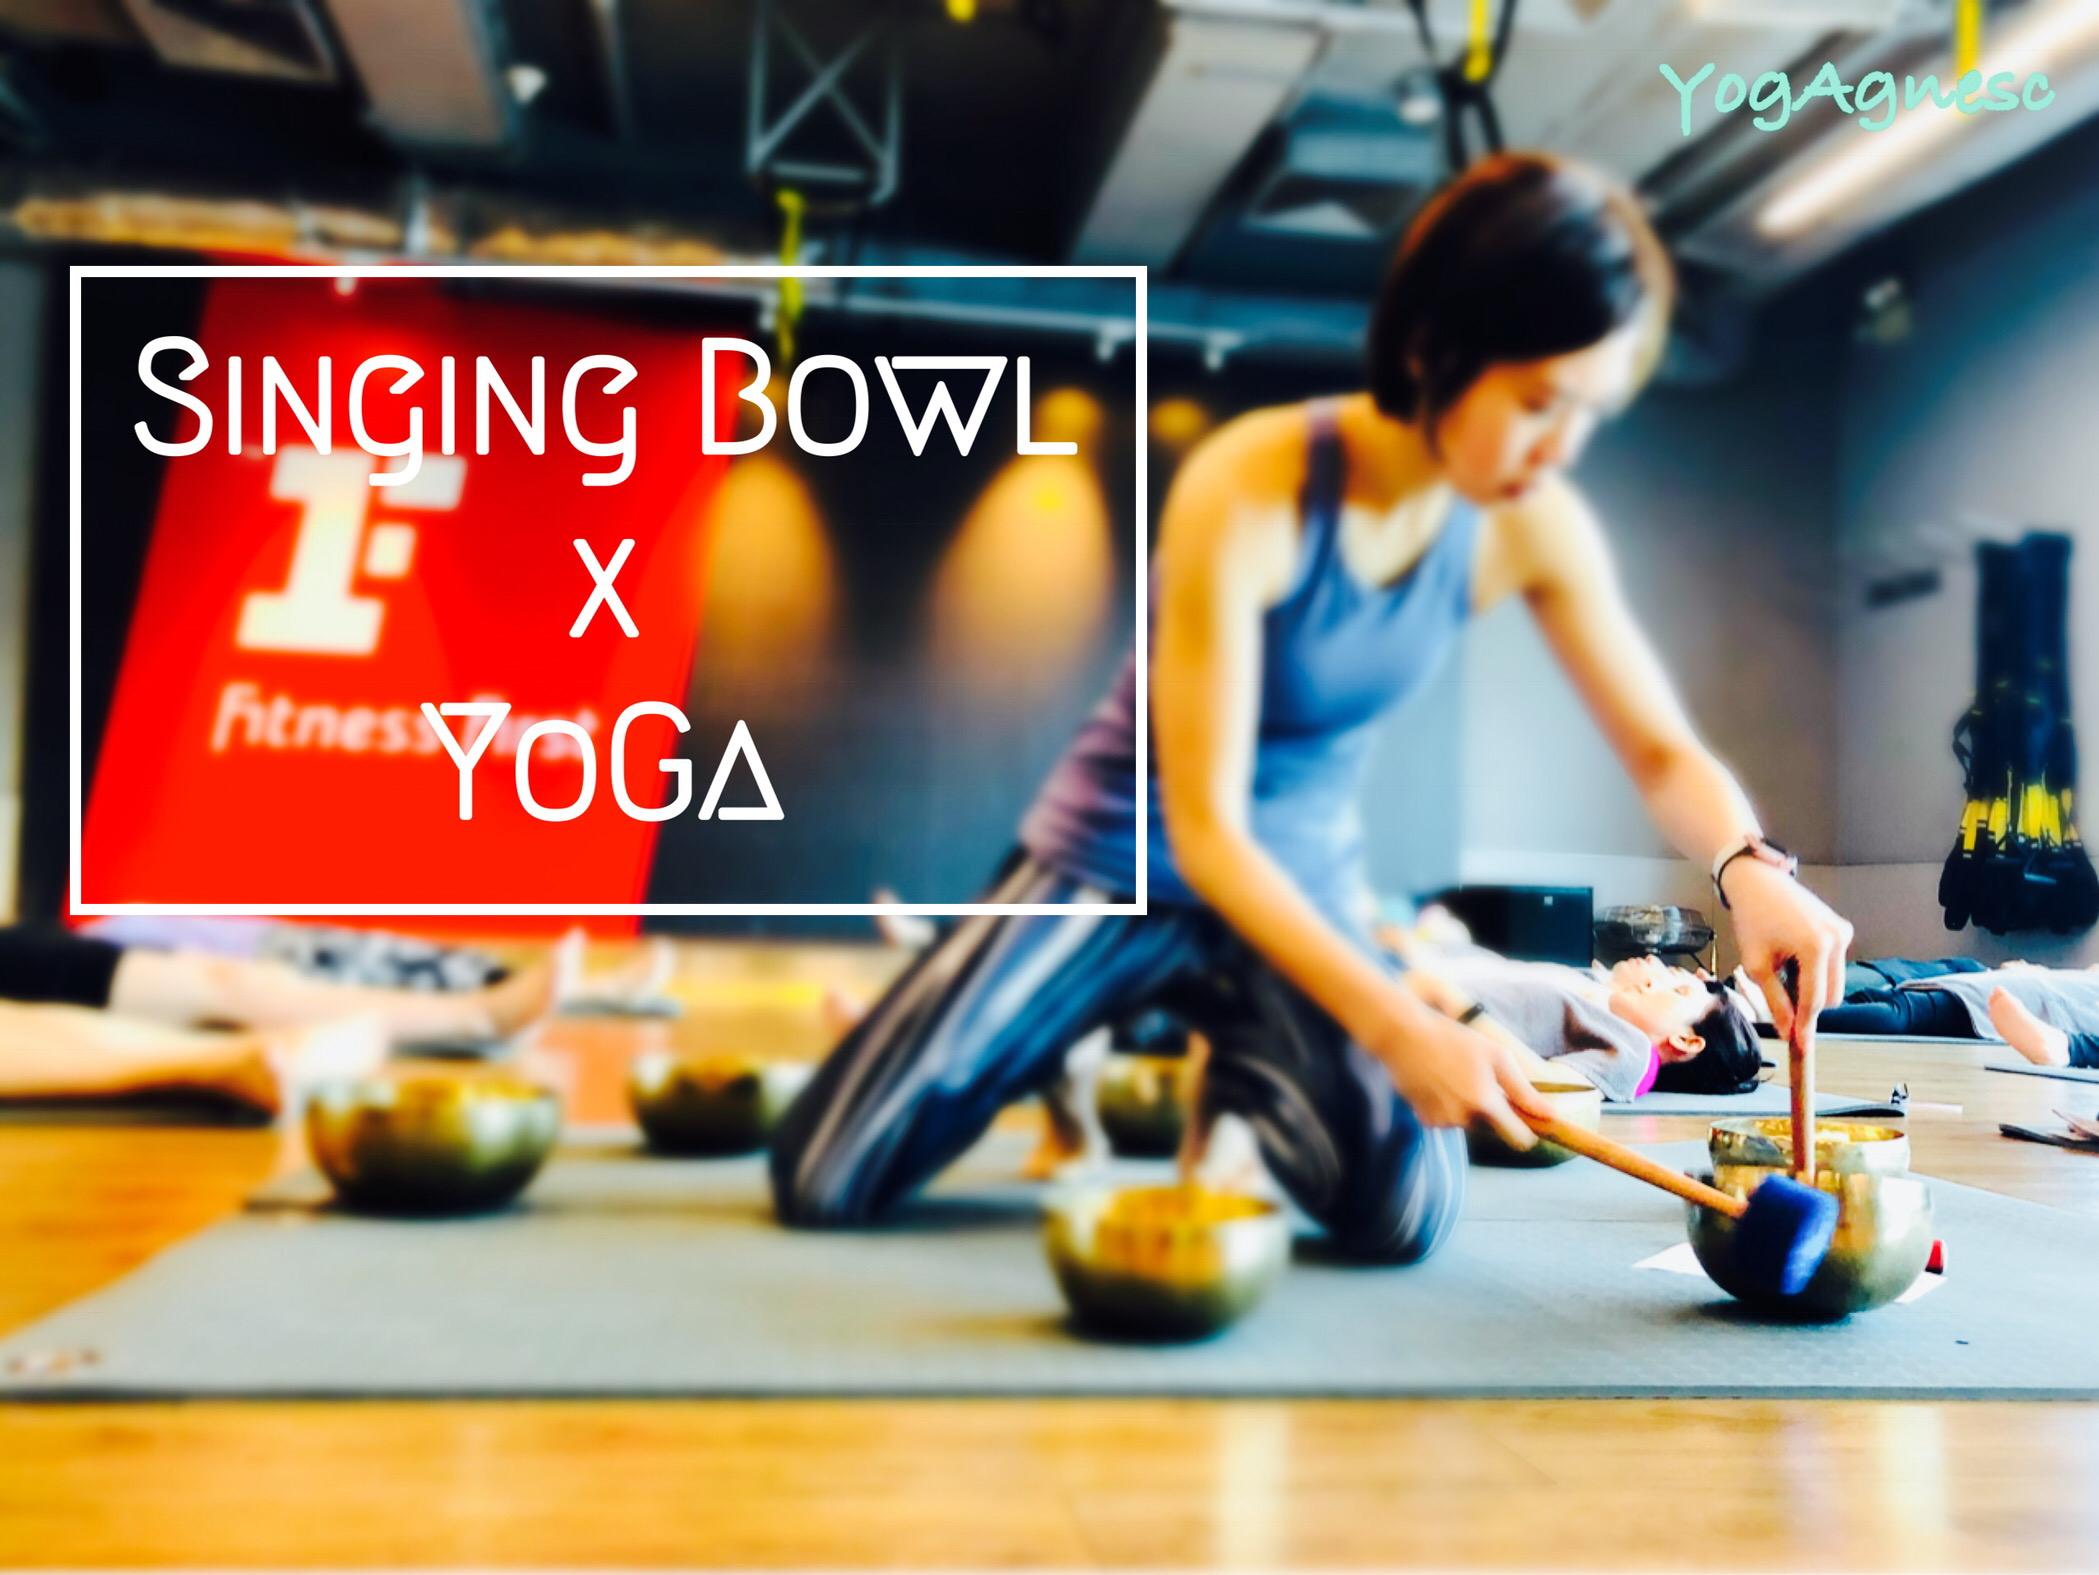 Singing bowl x Yoga